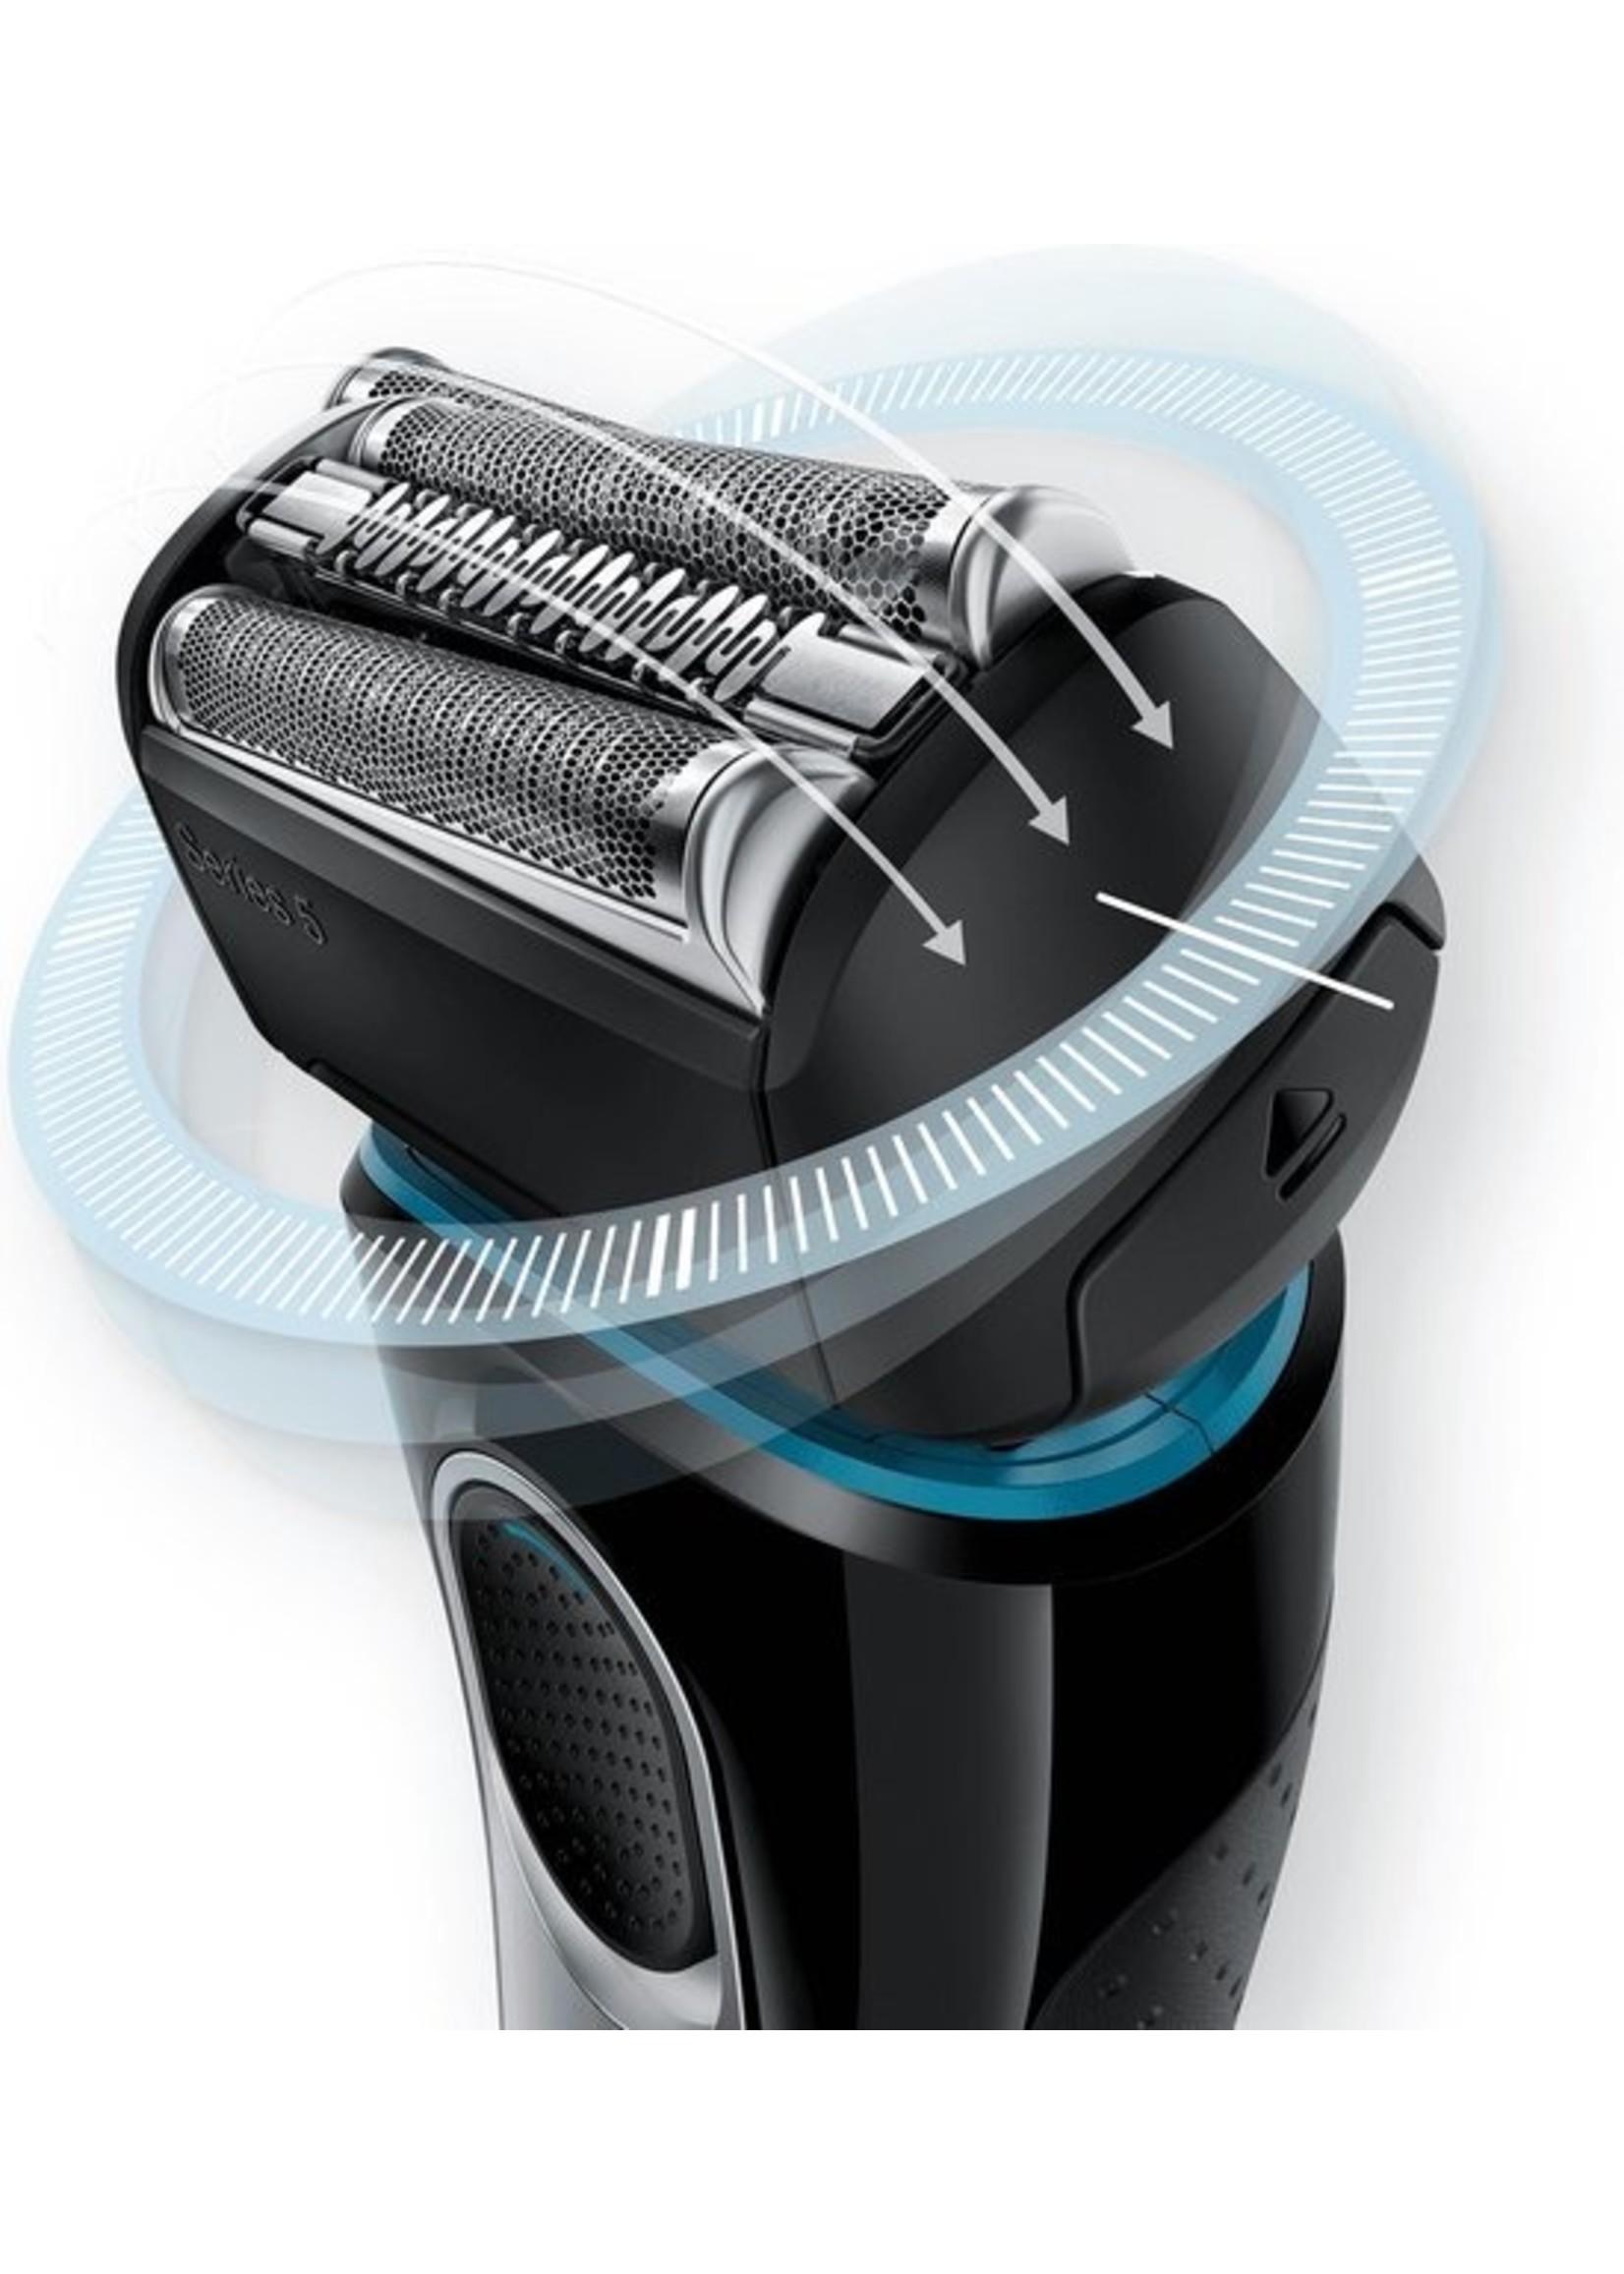 Braun Braun Series5 5147s Elektrisch Scheerapparaat koopjeshoek